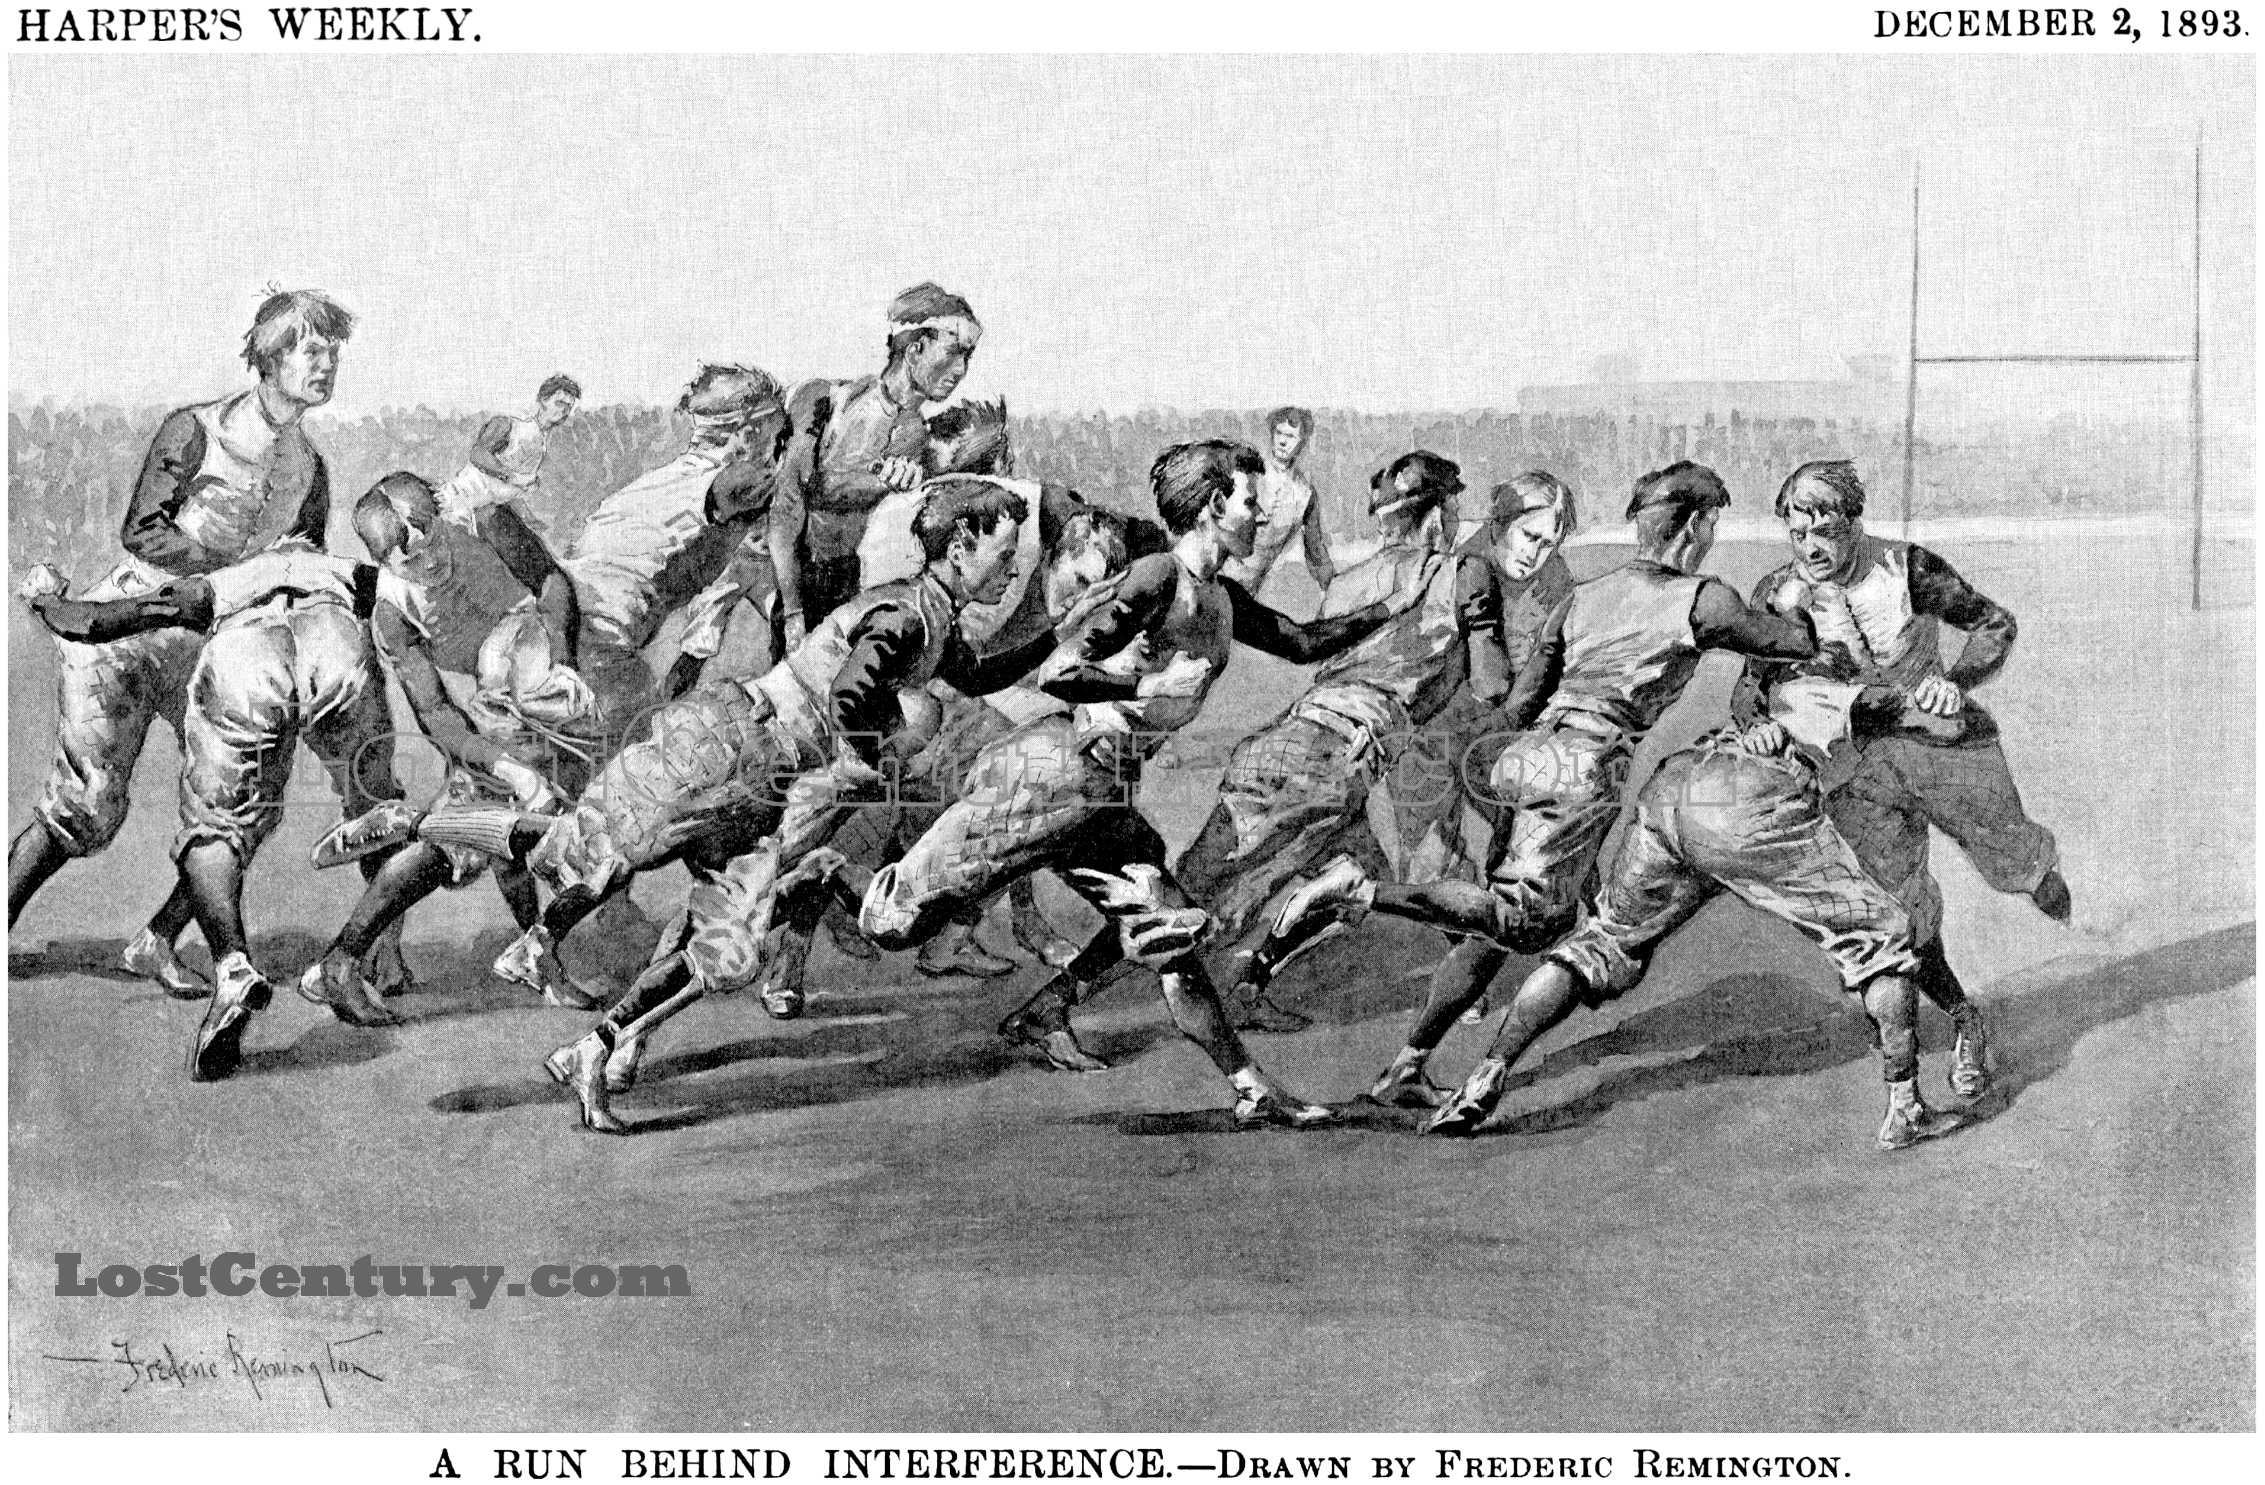 Harpers-1893-12-02.jpg